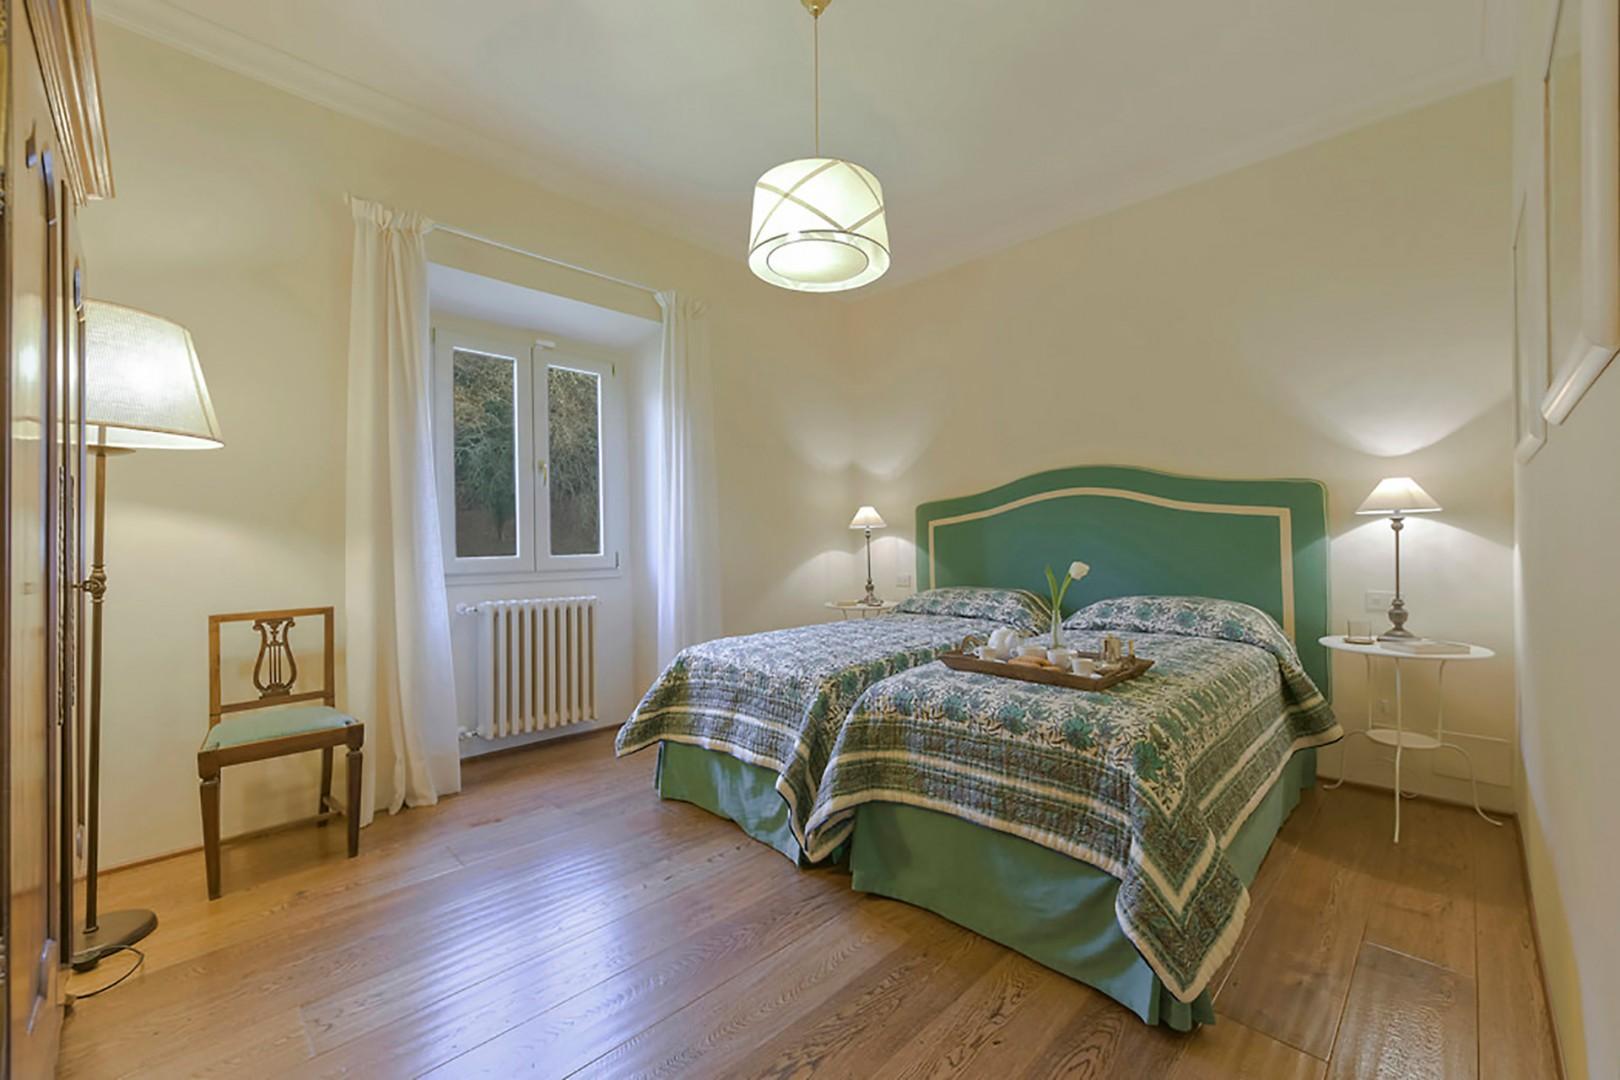 Bedroom 4 with en suite bathroom.